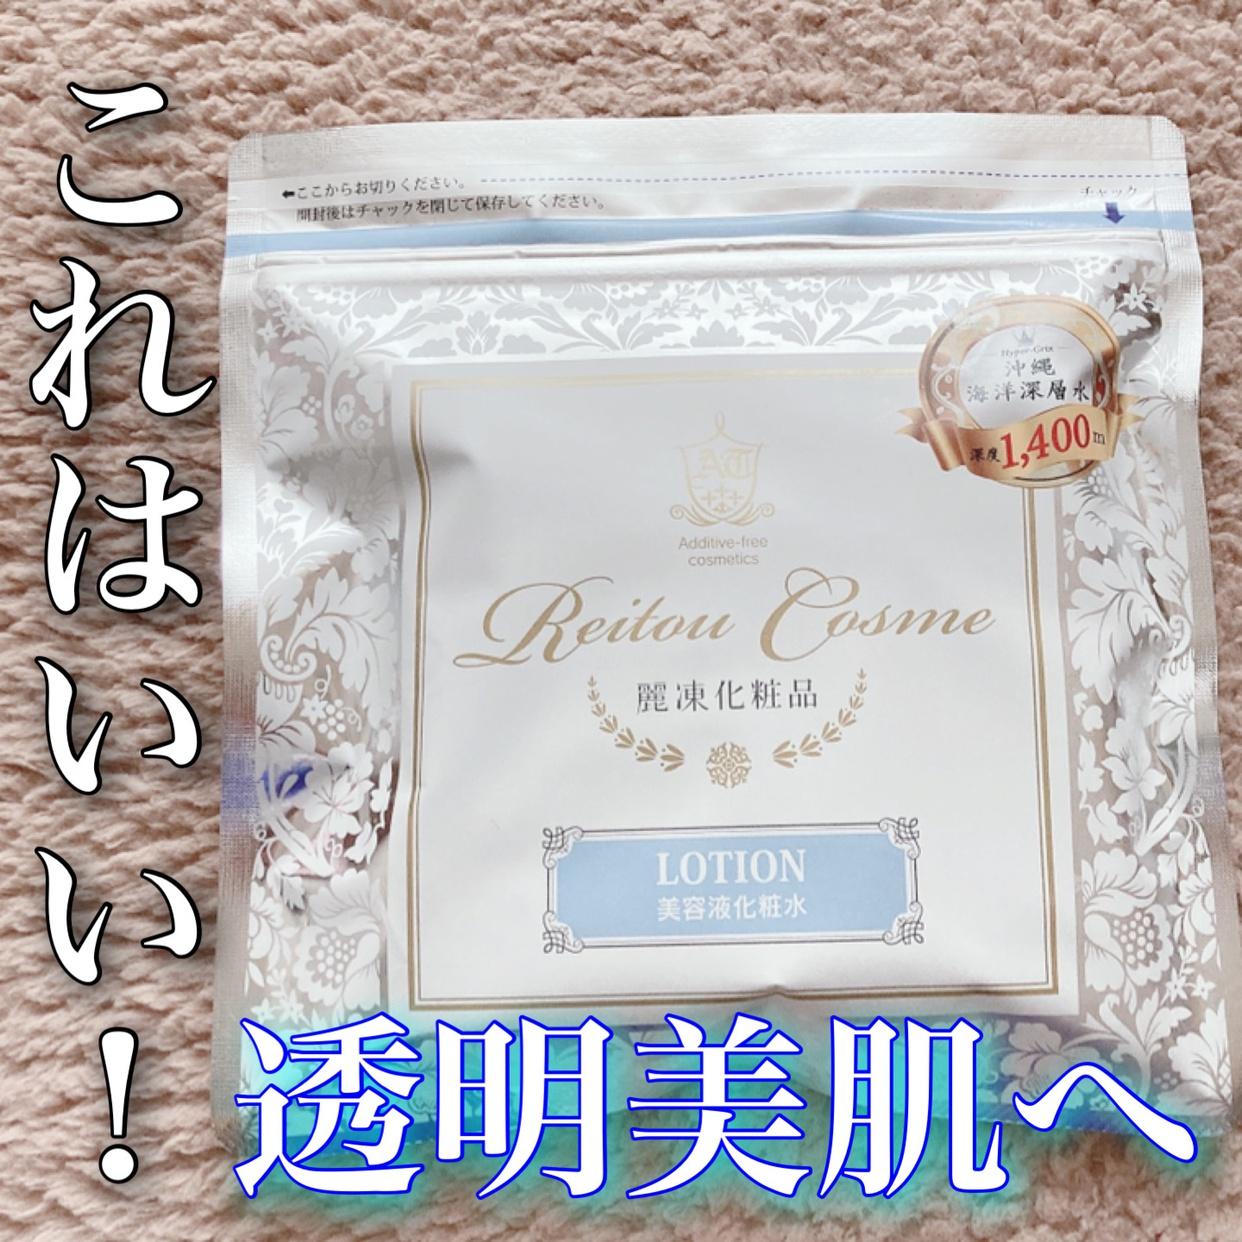 麗凍化粧品(Reitou Cosme)美容液 化粧水を使ったyunaさんのクチコミ画像